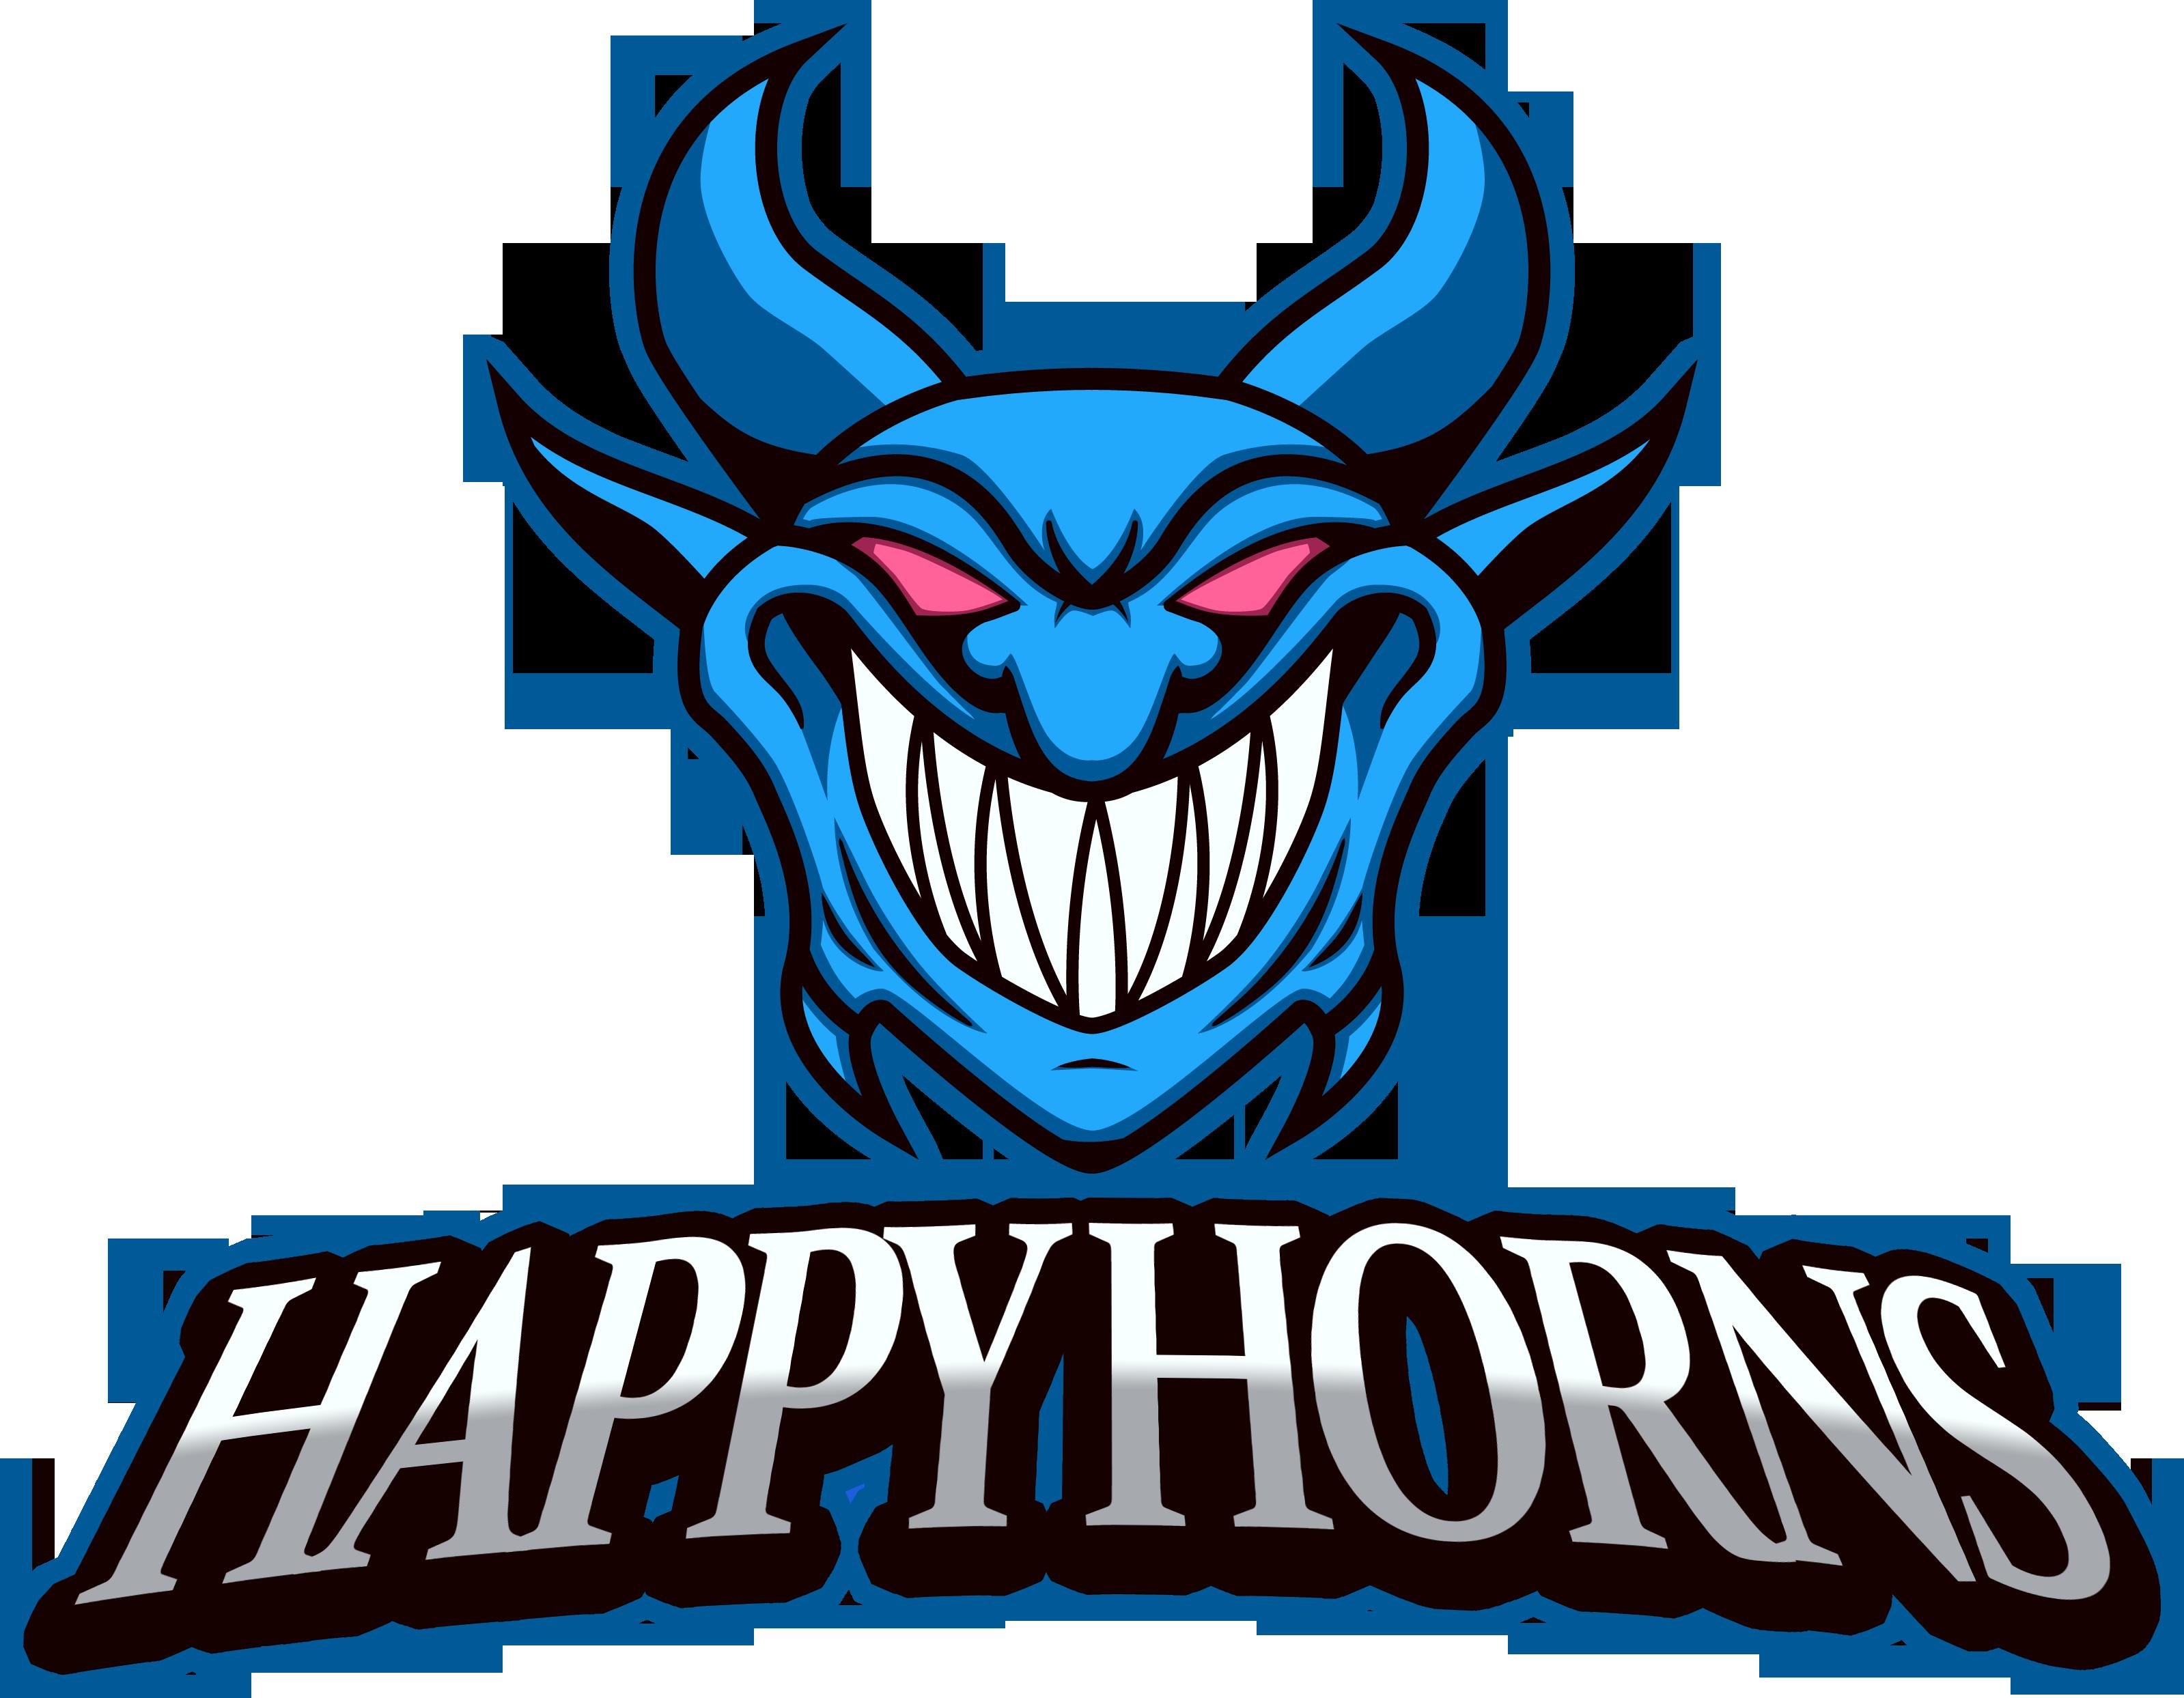 Happy Horns